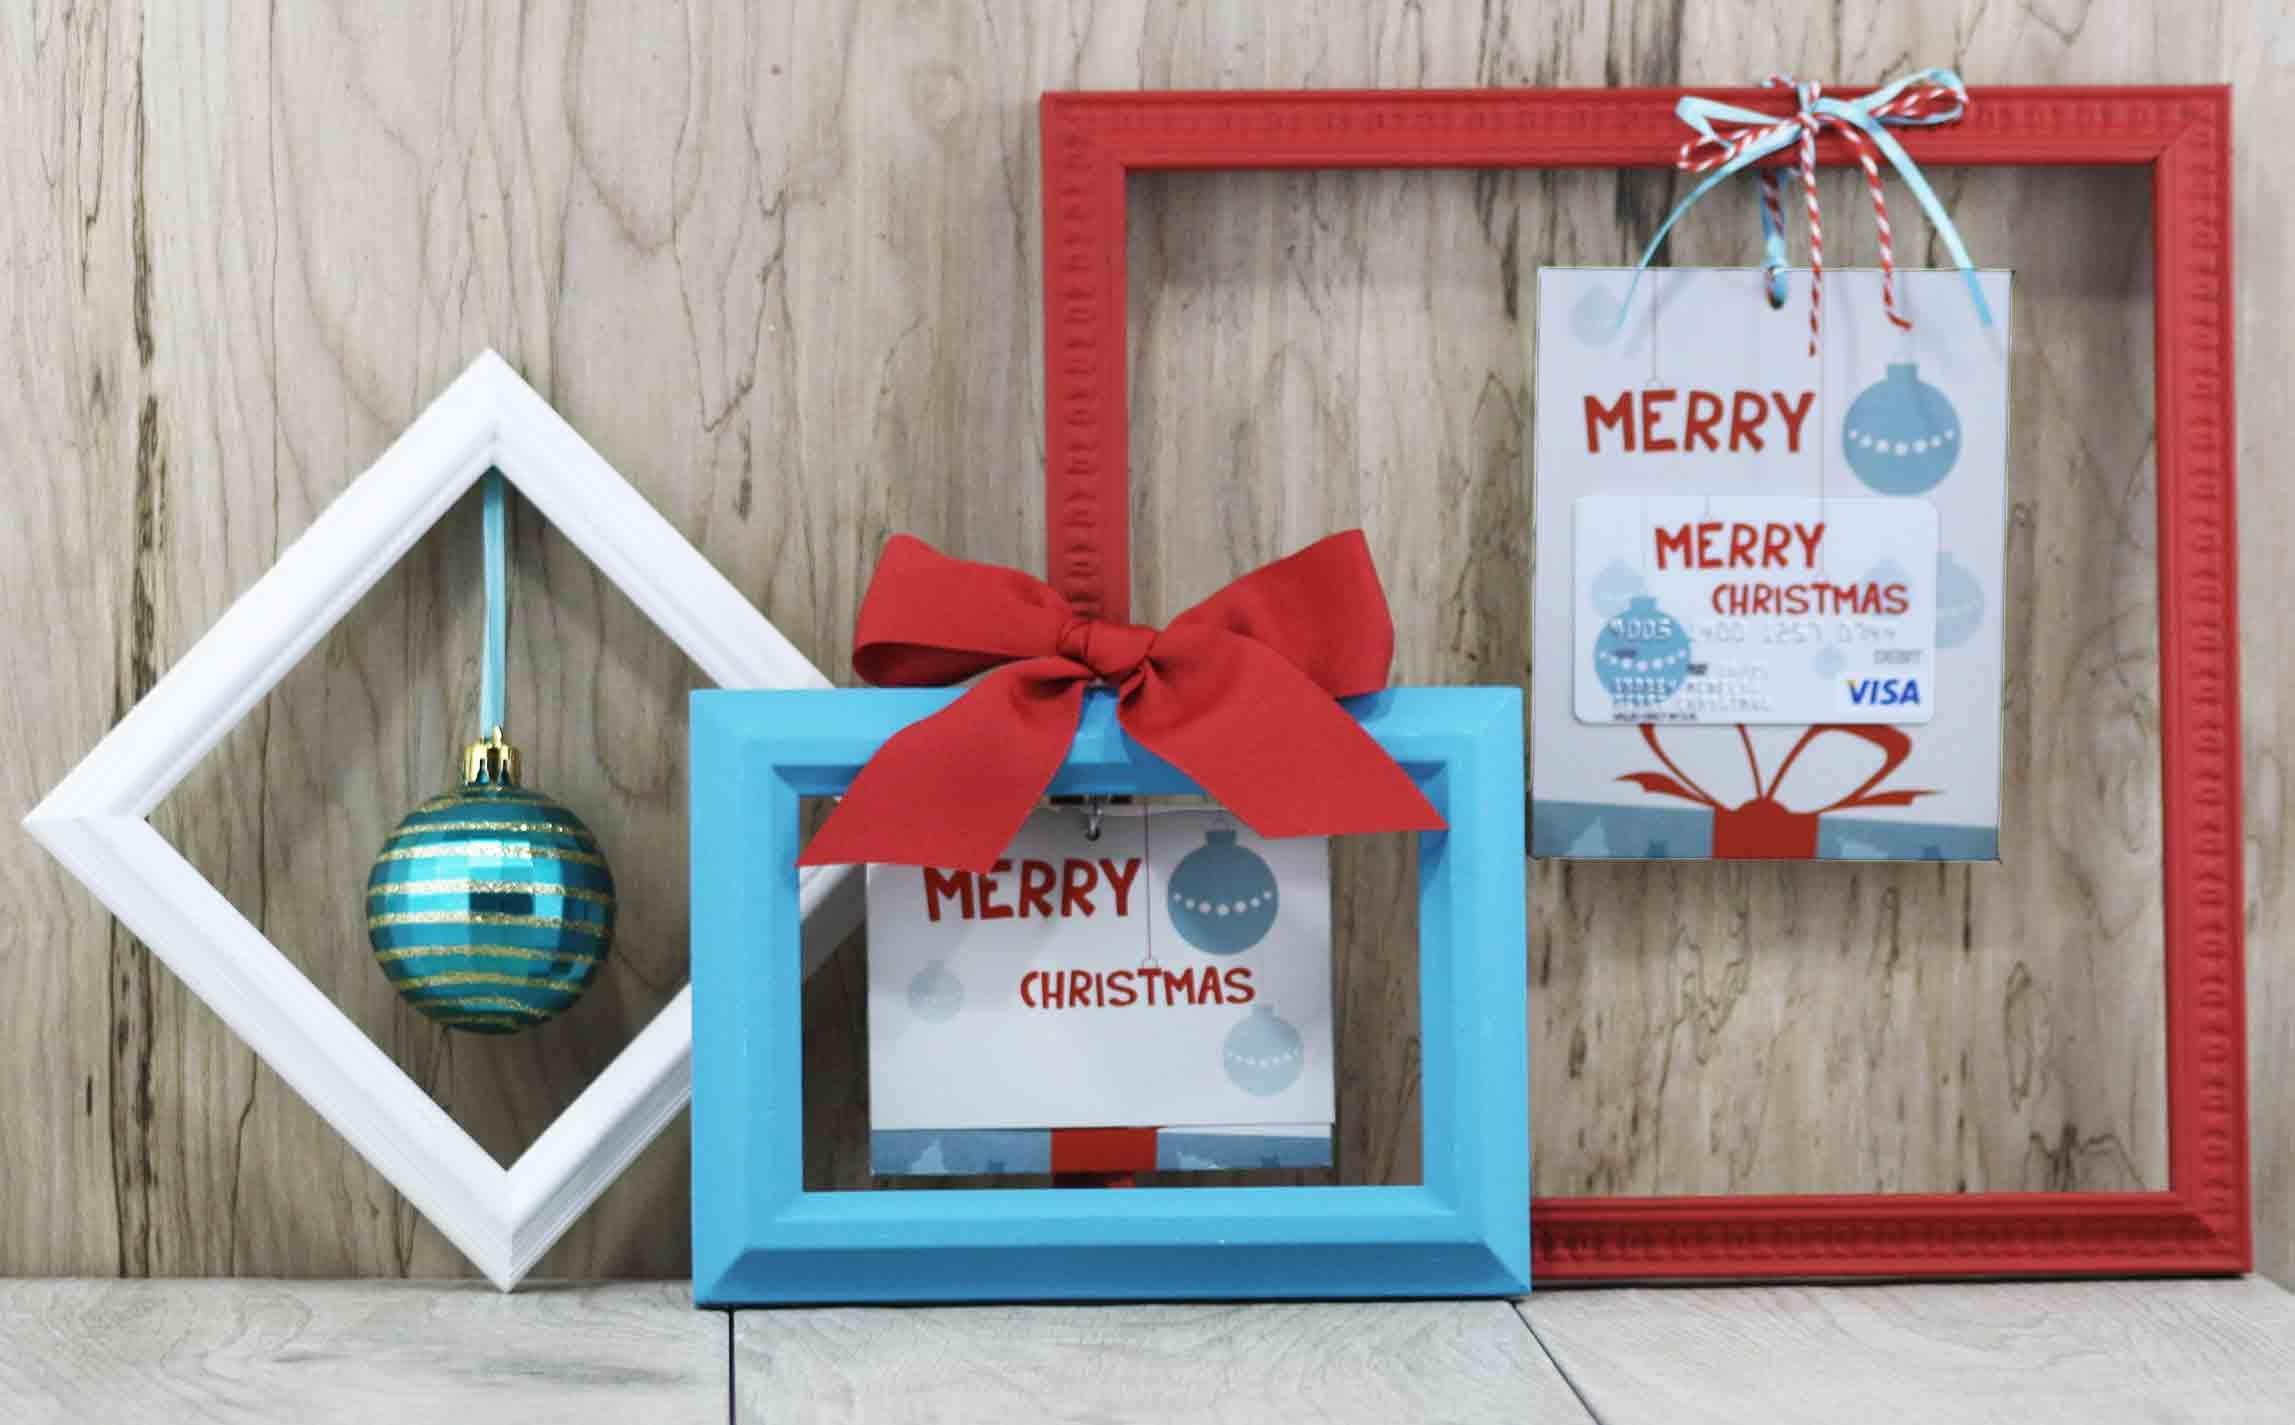 Free Printable} Merry Christmas Gift Card Holder| Gcg - Free Printable Christmas Gift Cards